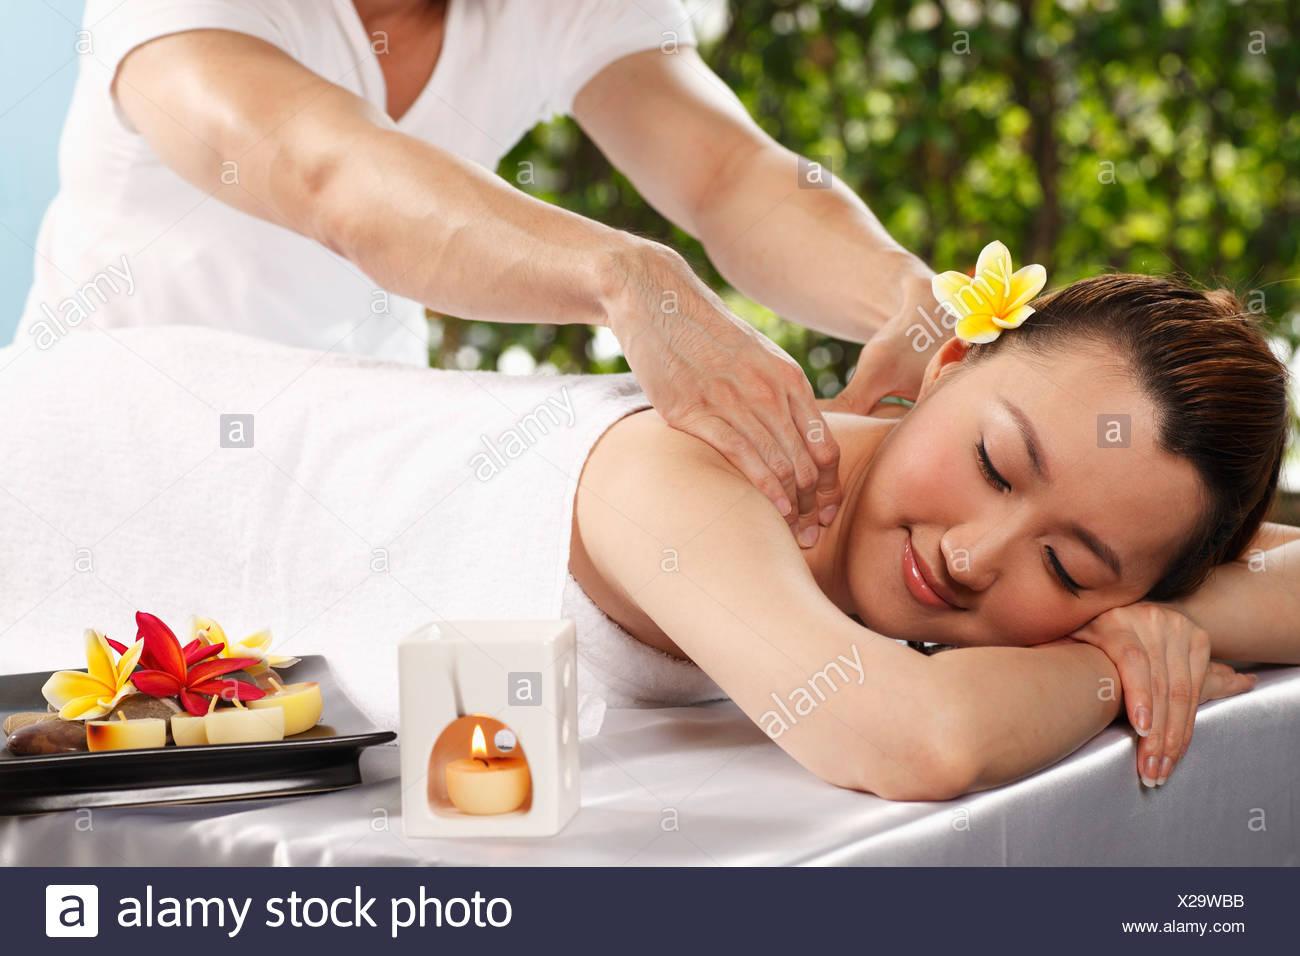 Chinamassage Vallejo massage